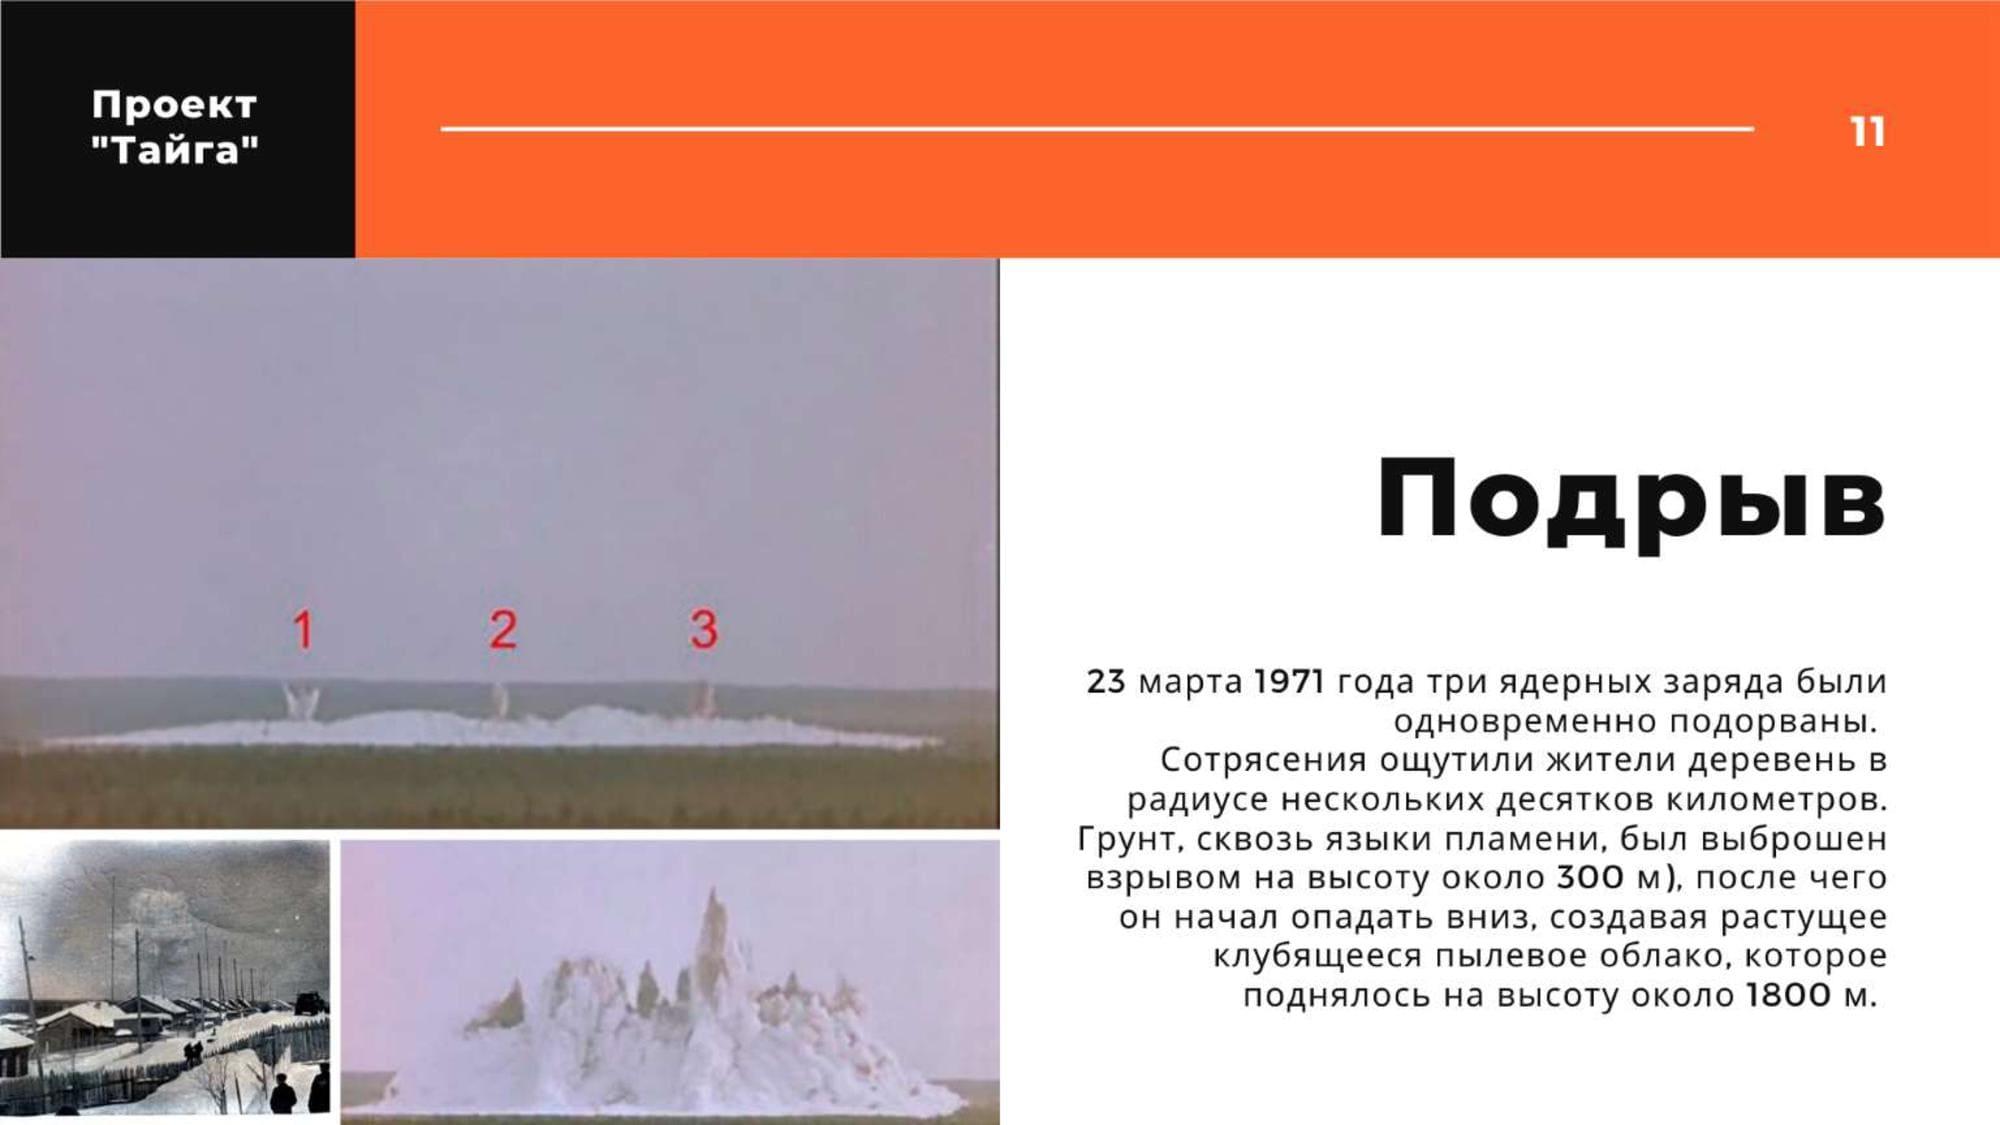 """Проект """"Тайга"""". Подрыв 23 марта 1971 года"""